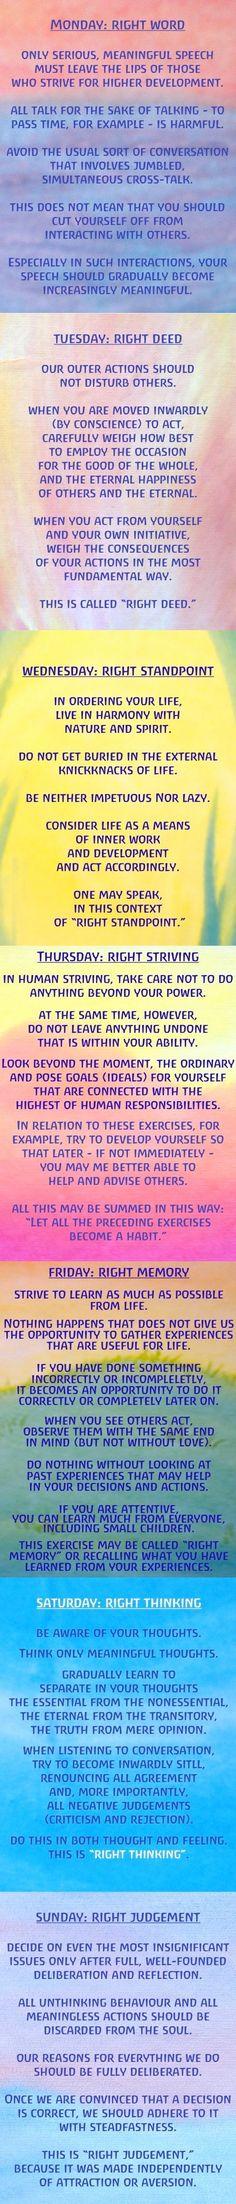 energies of each day of the week by Rudolf Steiner